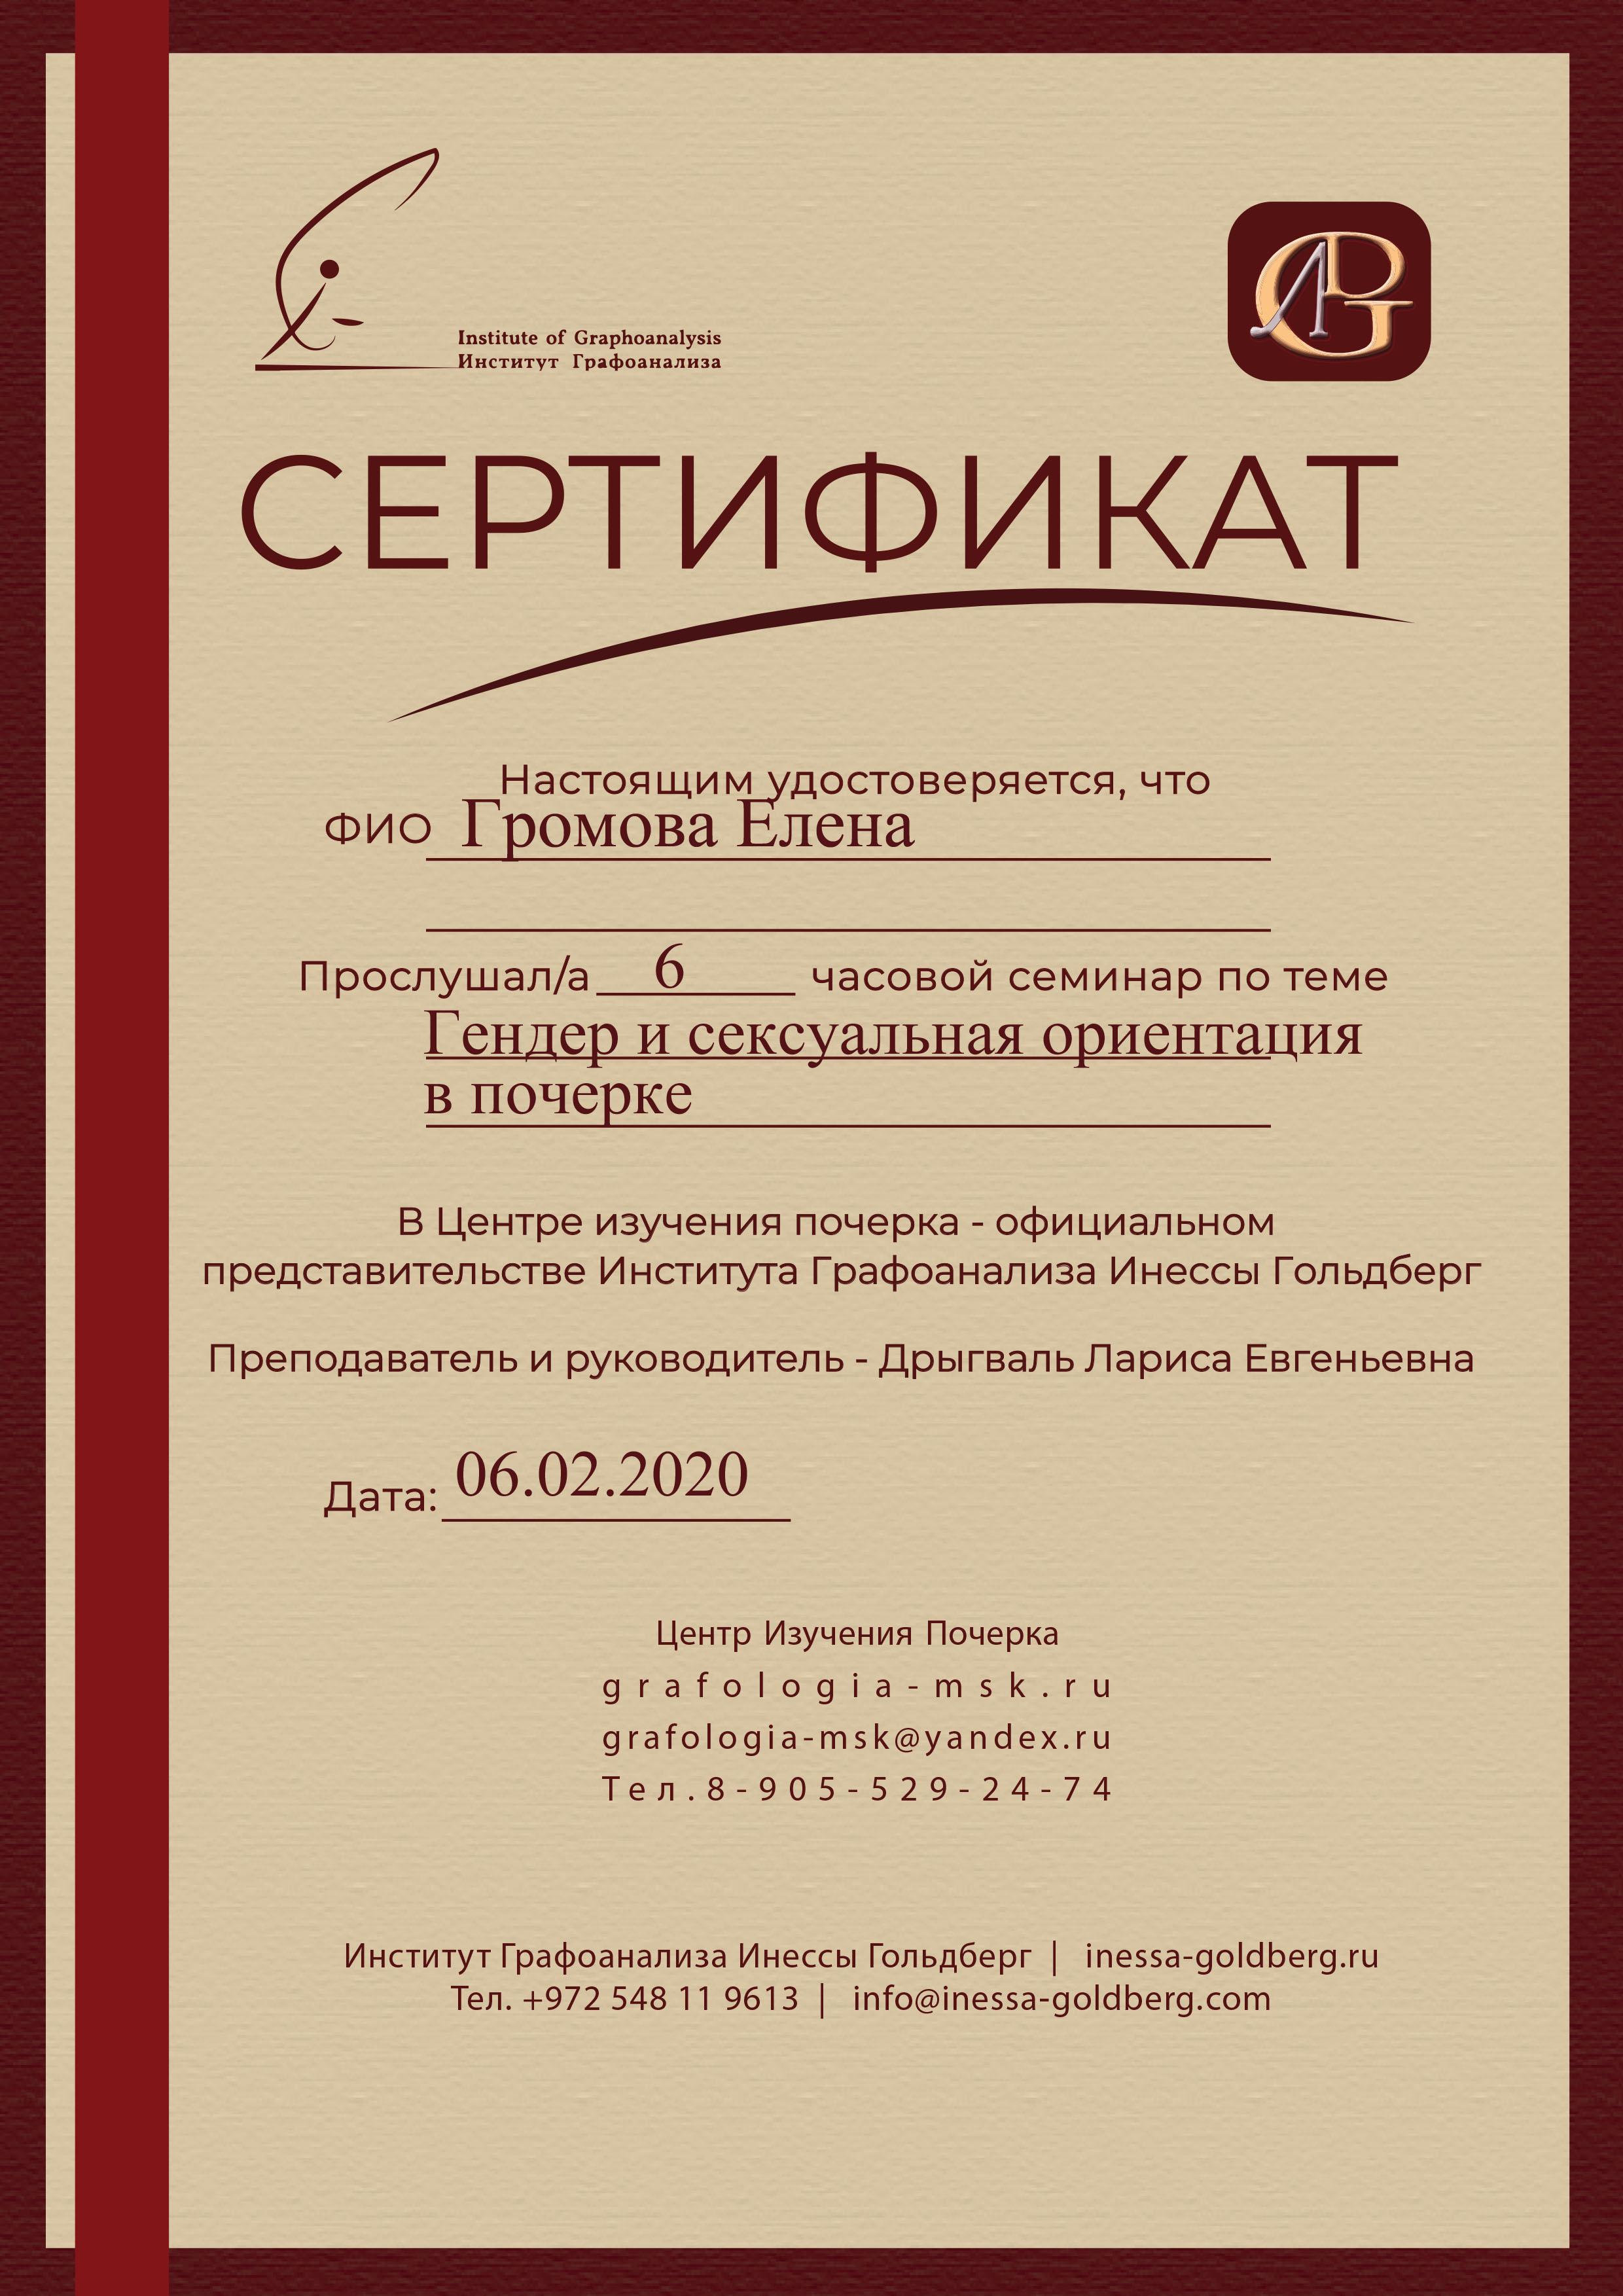 Сертификат о прохождении семинара о гендерах в почерке